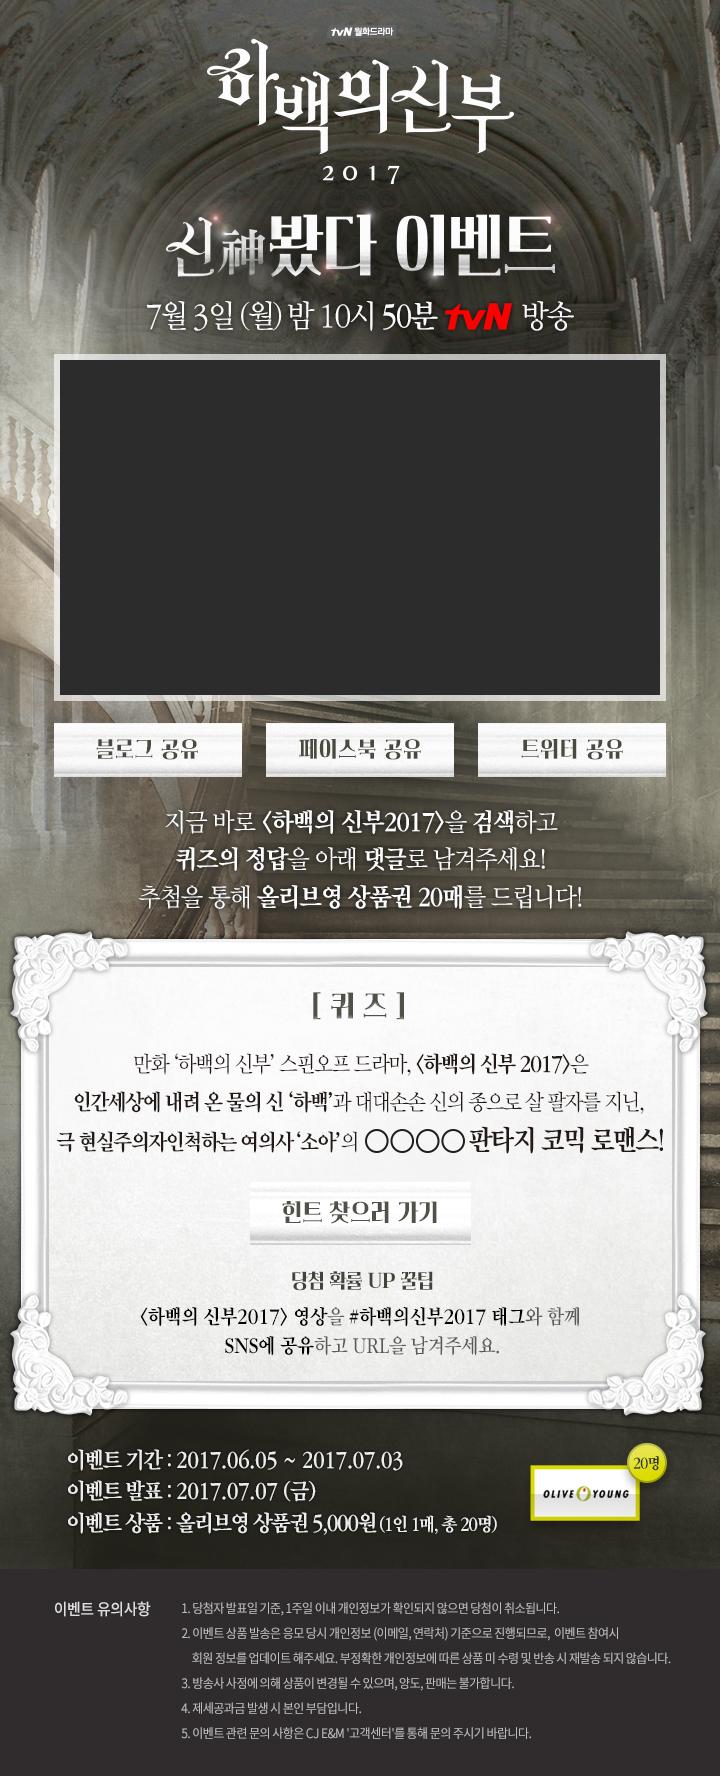 [하백의신부2017] 신(神)봤다 이벤트